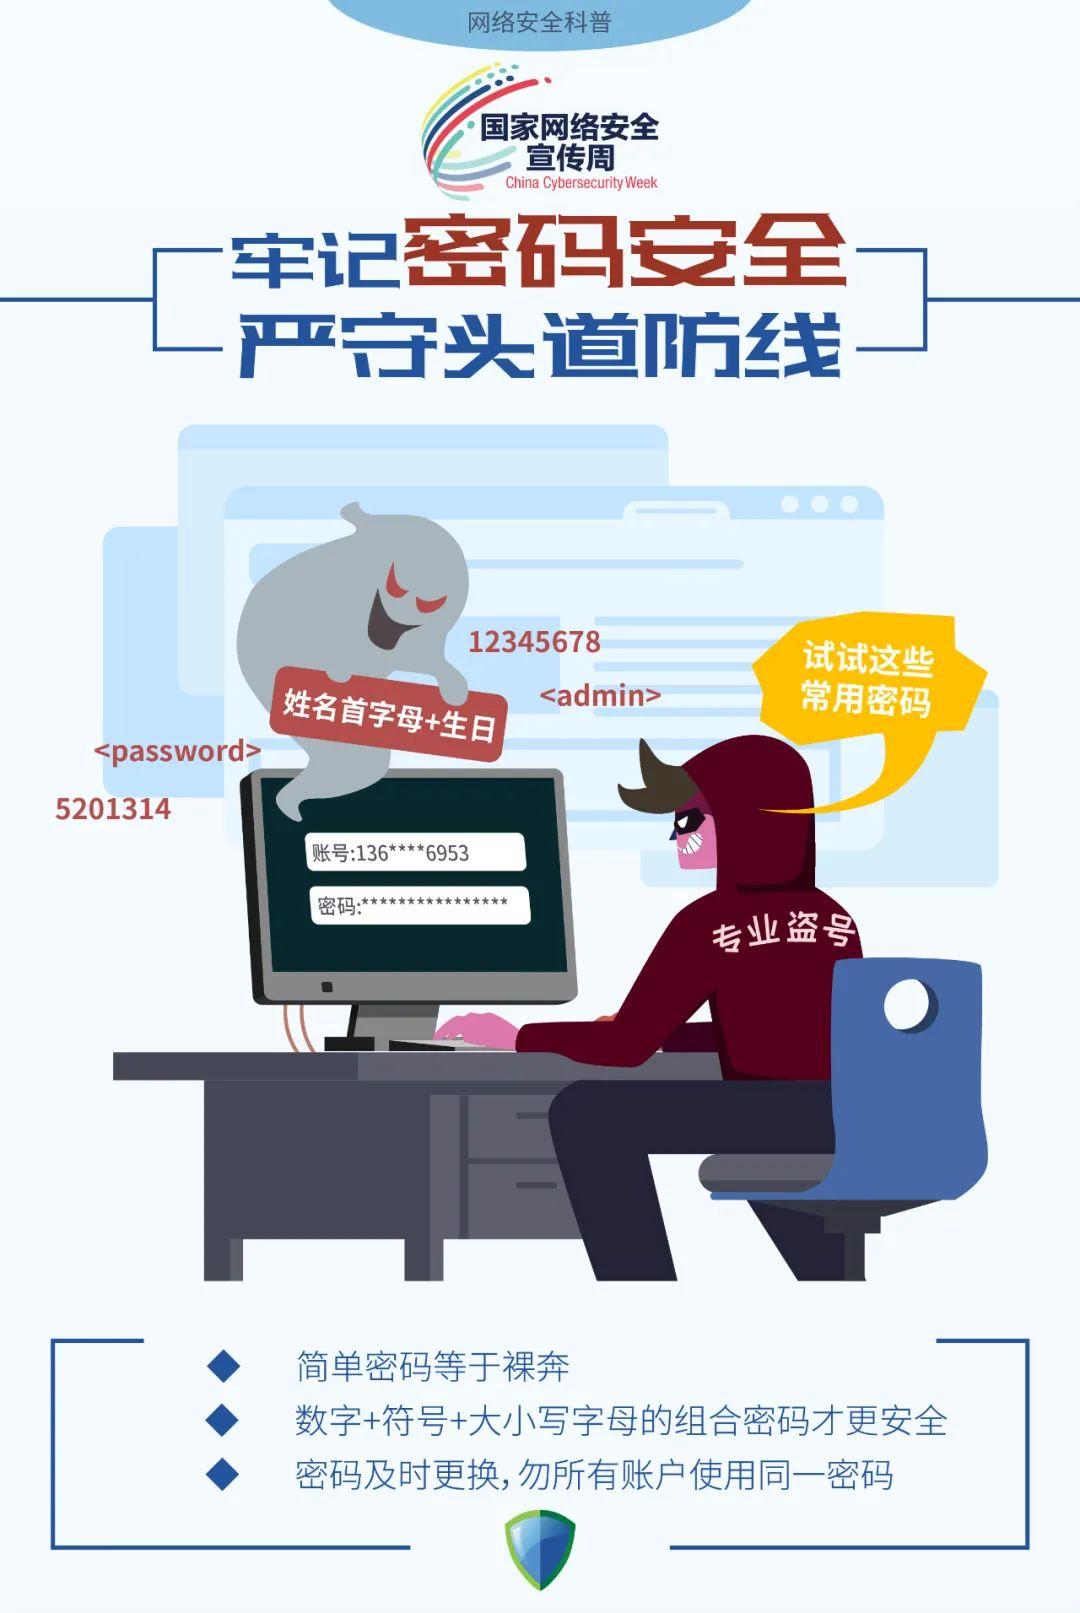 网络安全宣传周 | 2020年国家网络安全宣传周,这些安全科普快收藏